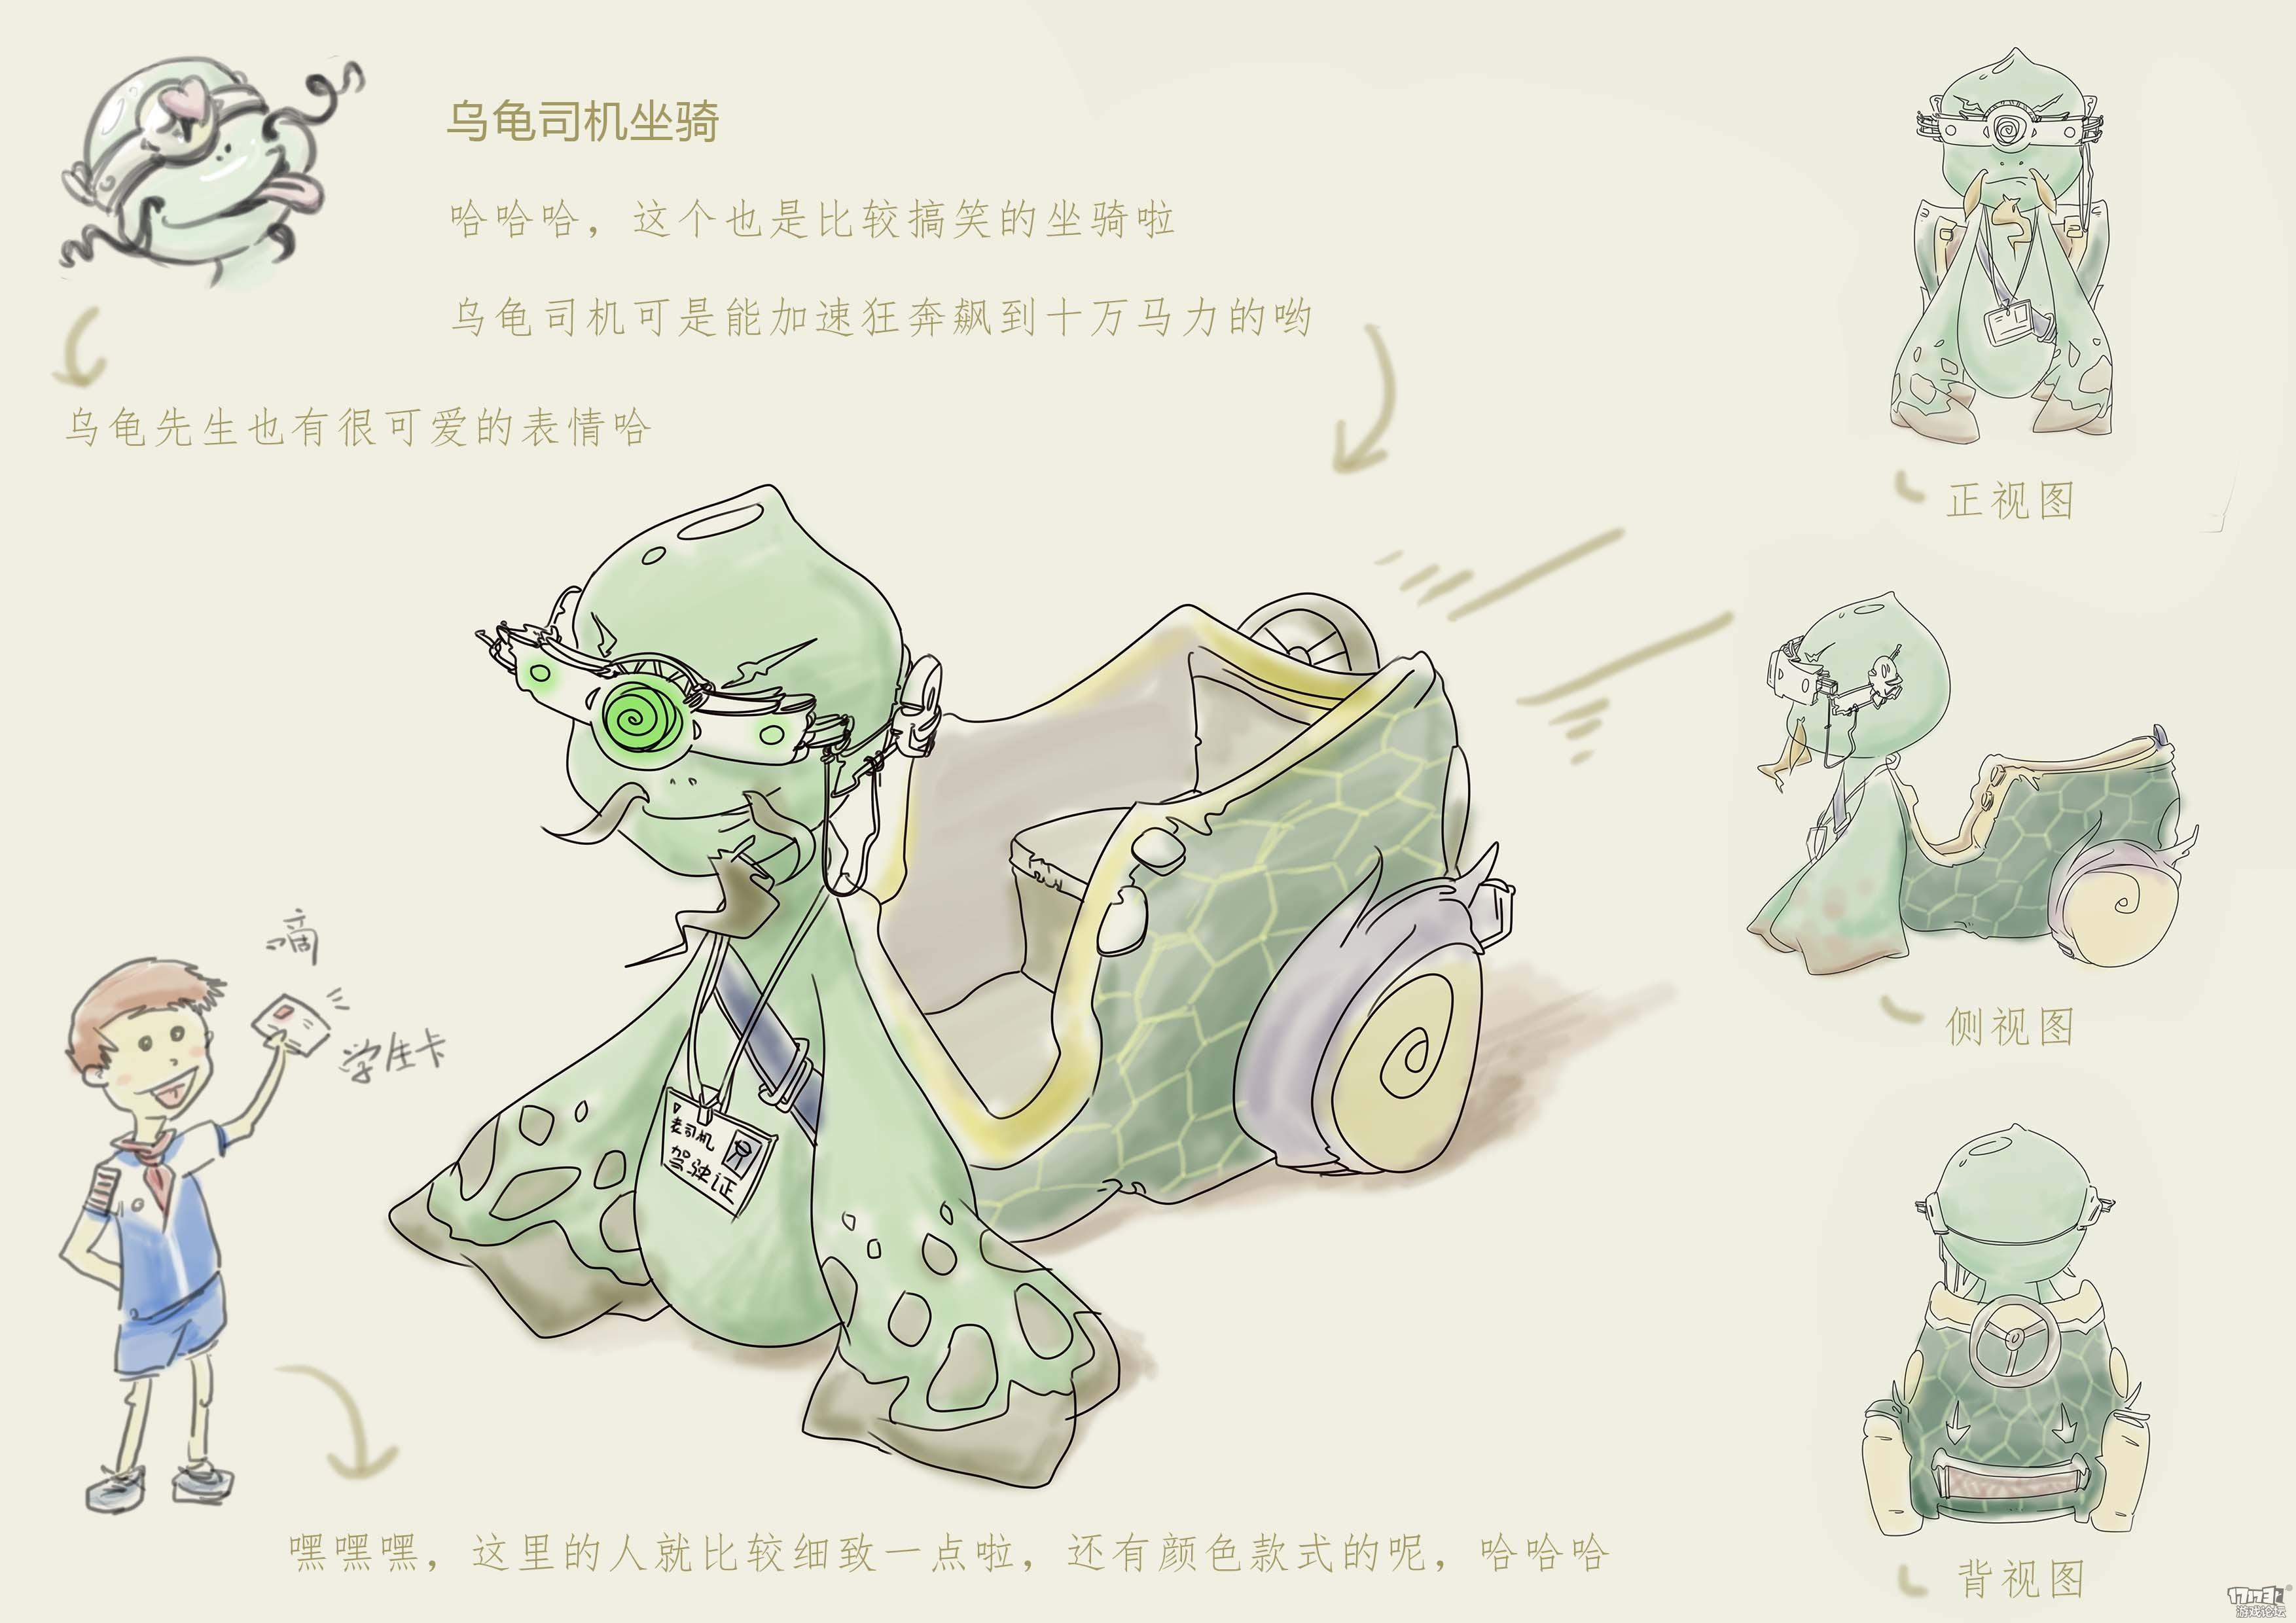 【中国风坐骑】乌龟司机坐骑